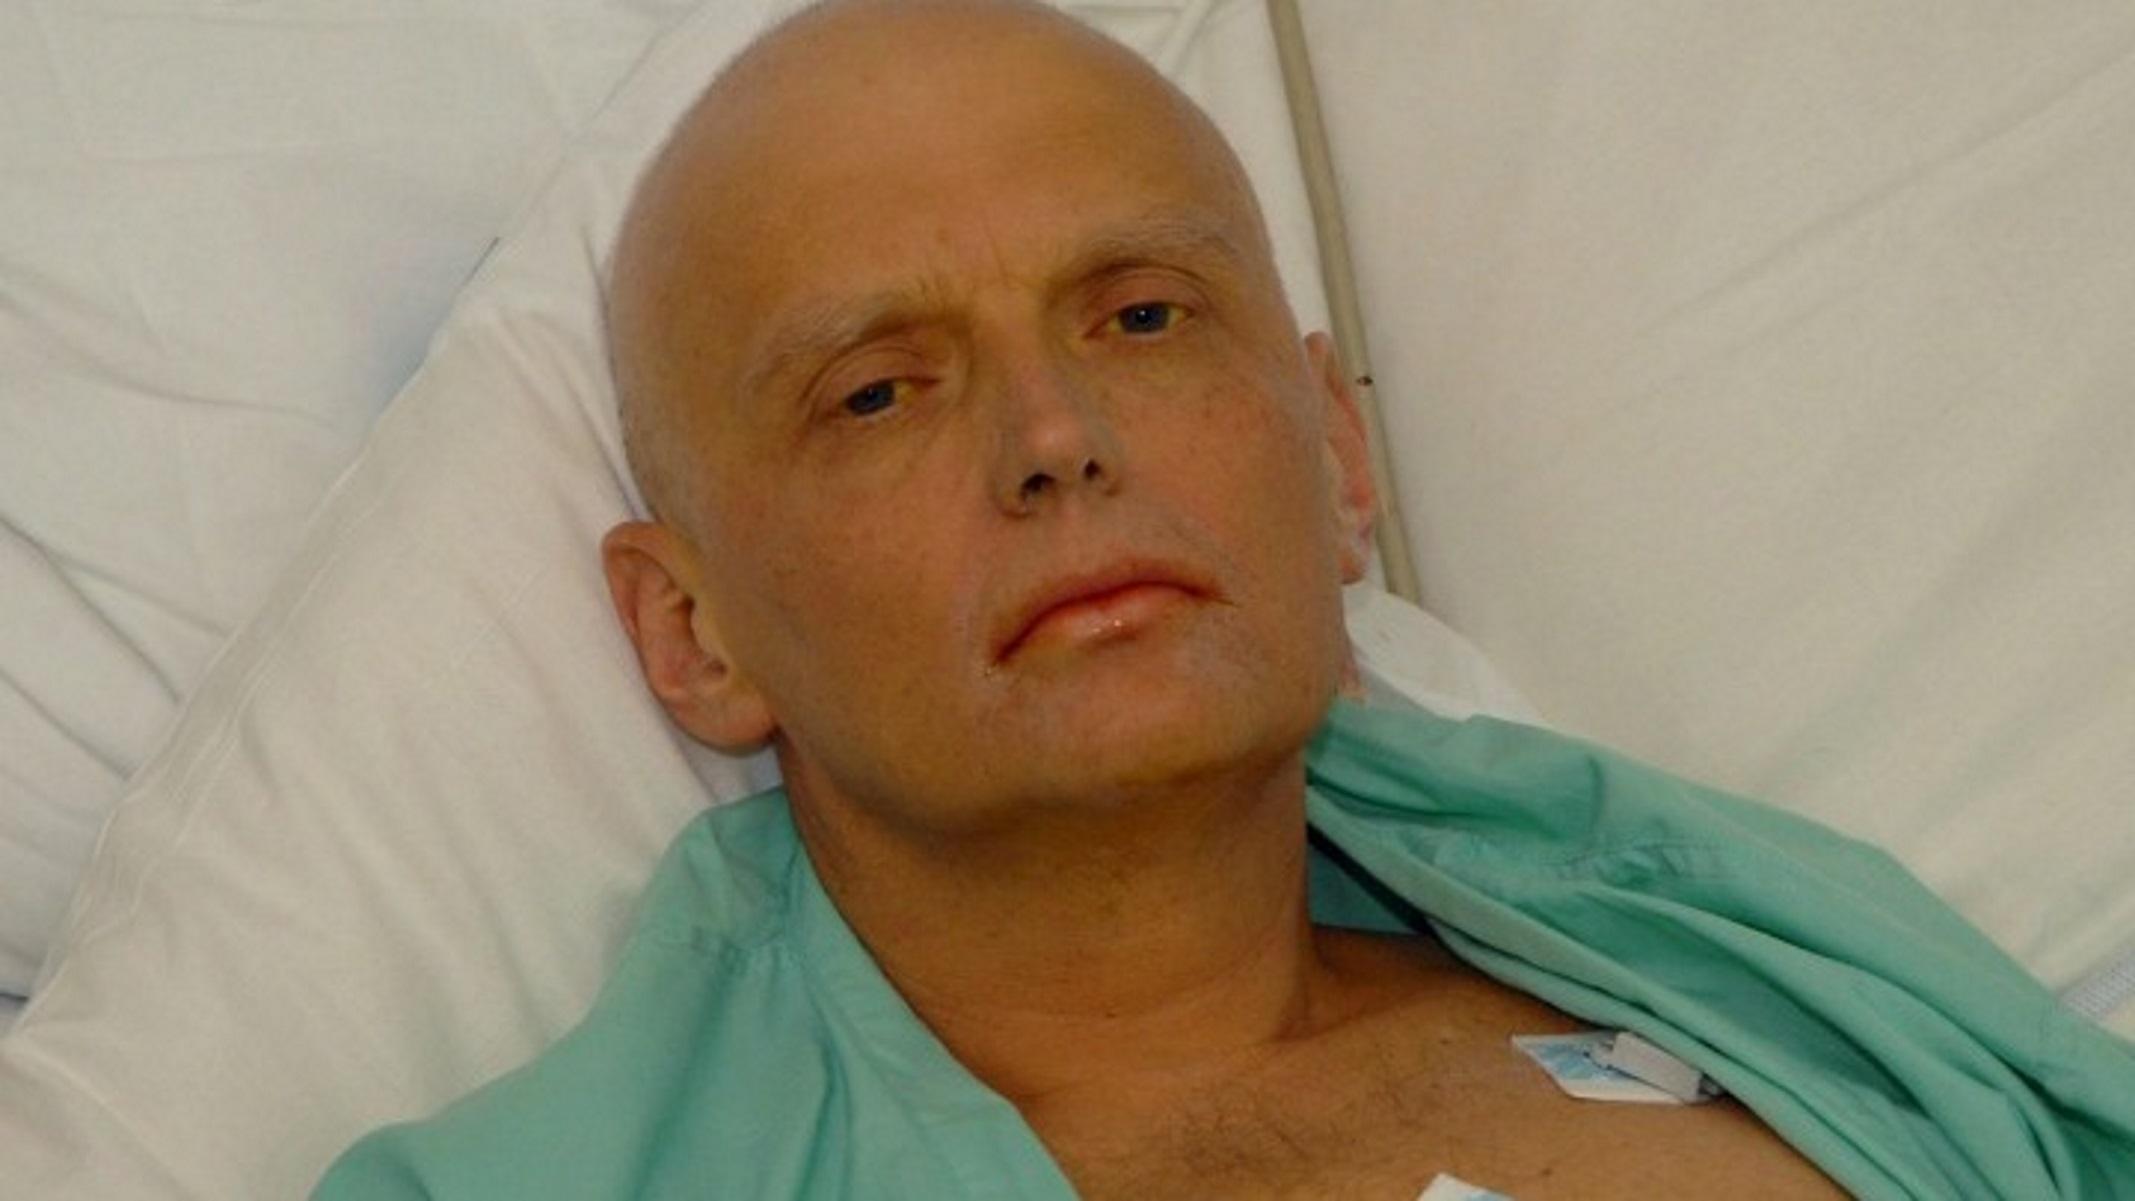 Αλεξάντερ Λιτβινένκο: Ο Ντέιβιντ Τέναντ θα υποδυθεί τον νεκρό Ρώσο κατάσκοπο που δηλητηρίασε η Μόσχα